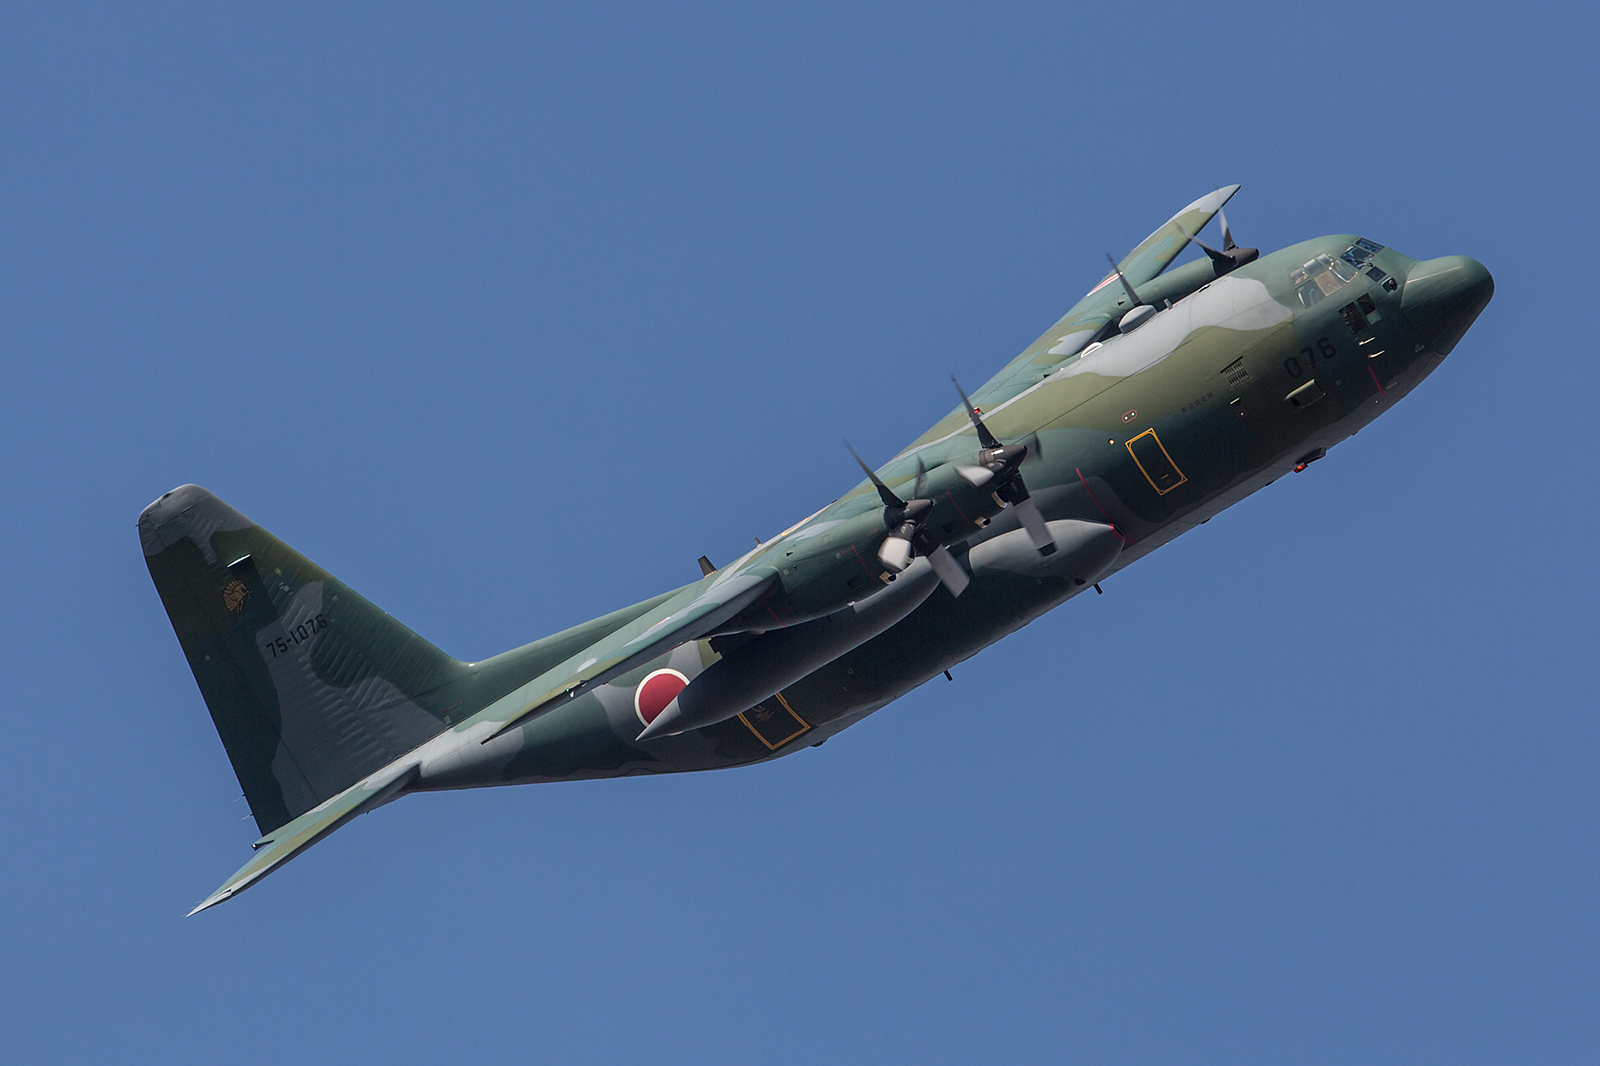 Diese C-130H aus dem benachbarten Komaki brachte einige Fallschirmspringer.